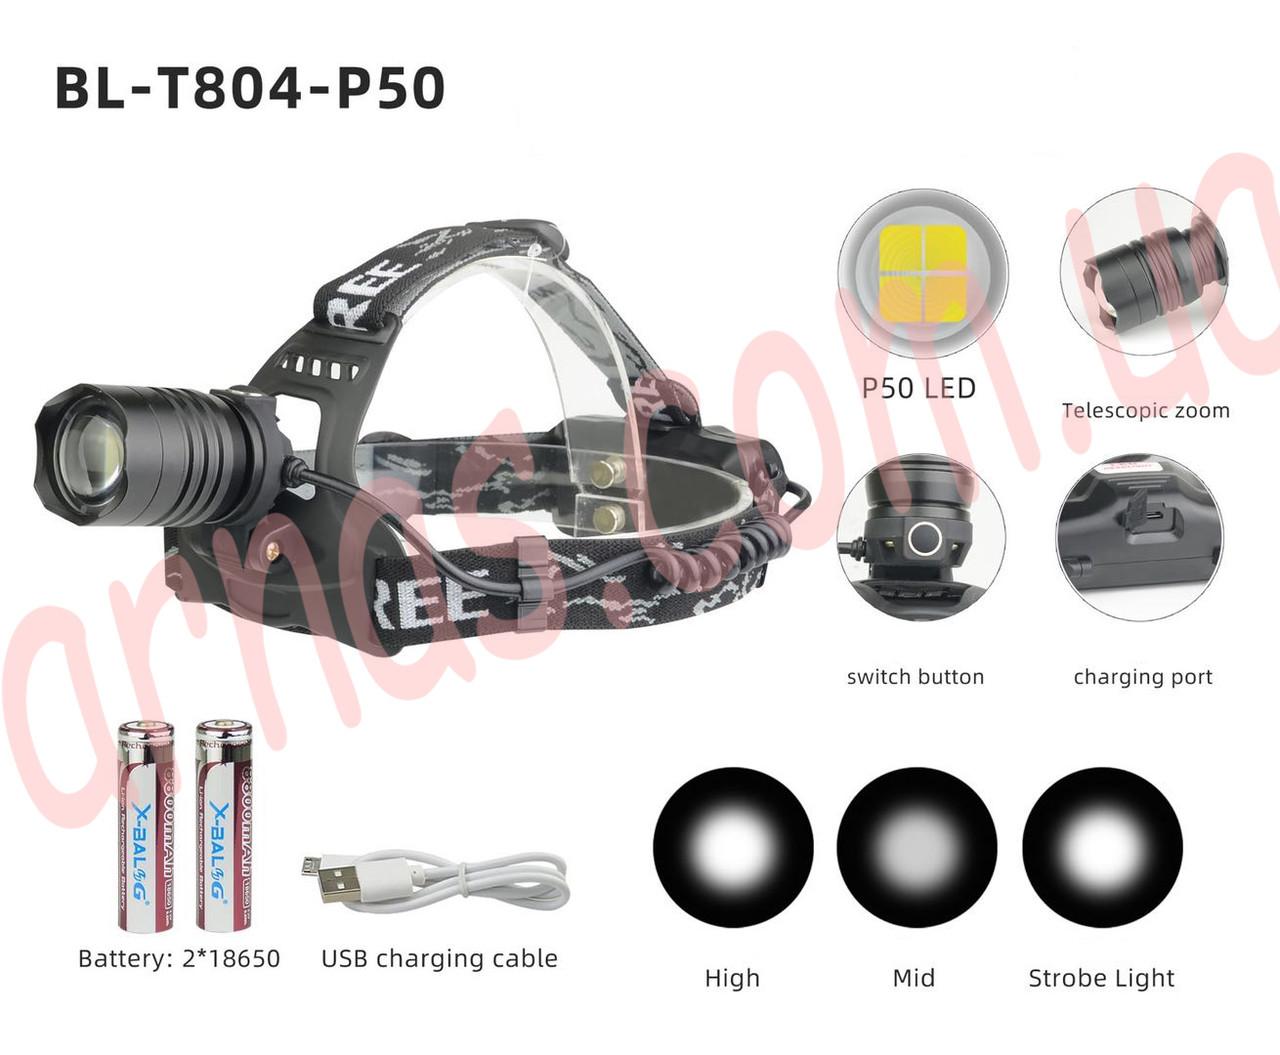 Аккумуляторный налобный фонарь BL-T804-P50